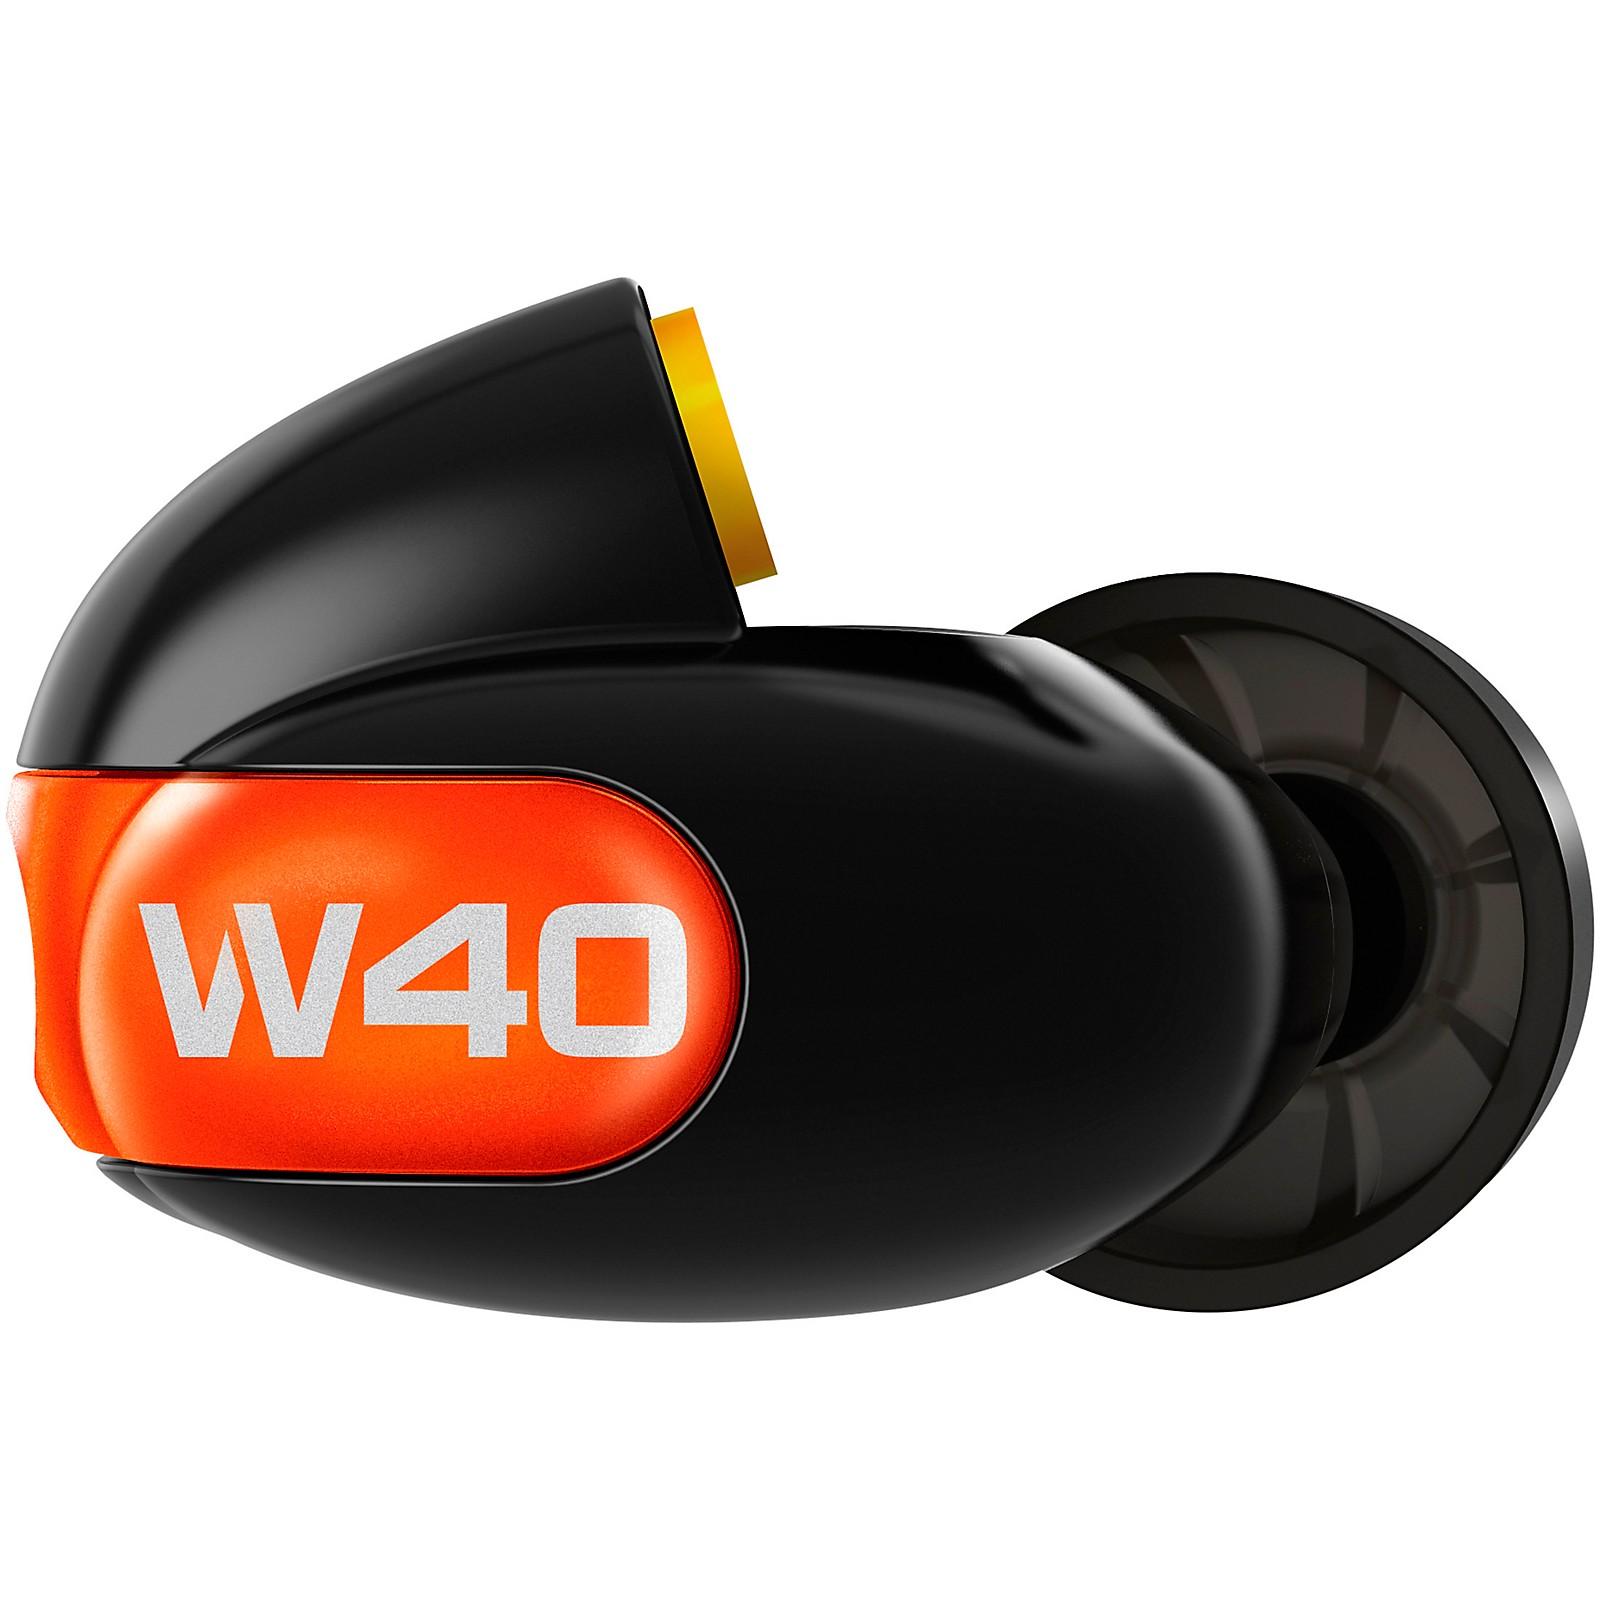 Open Box WESTONE W40 Bluetooth Earphones